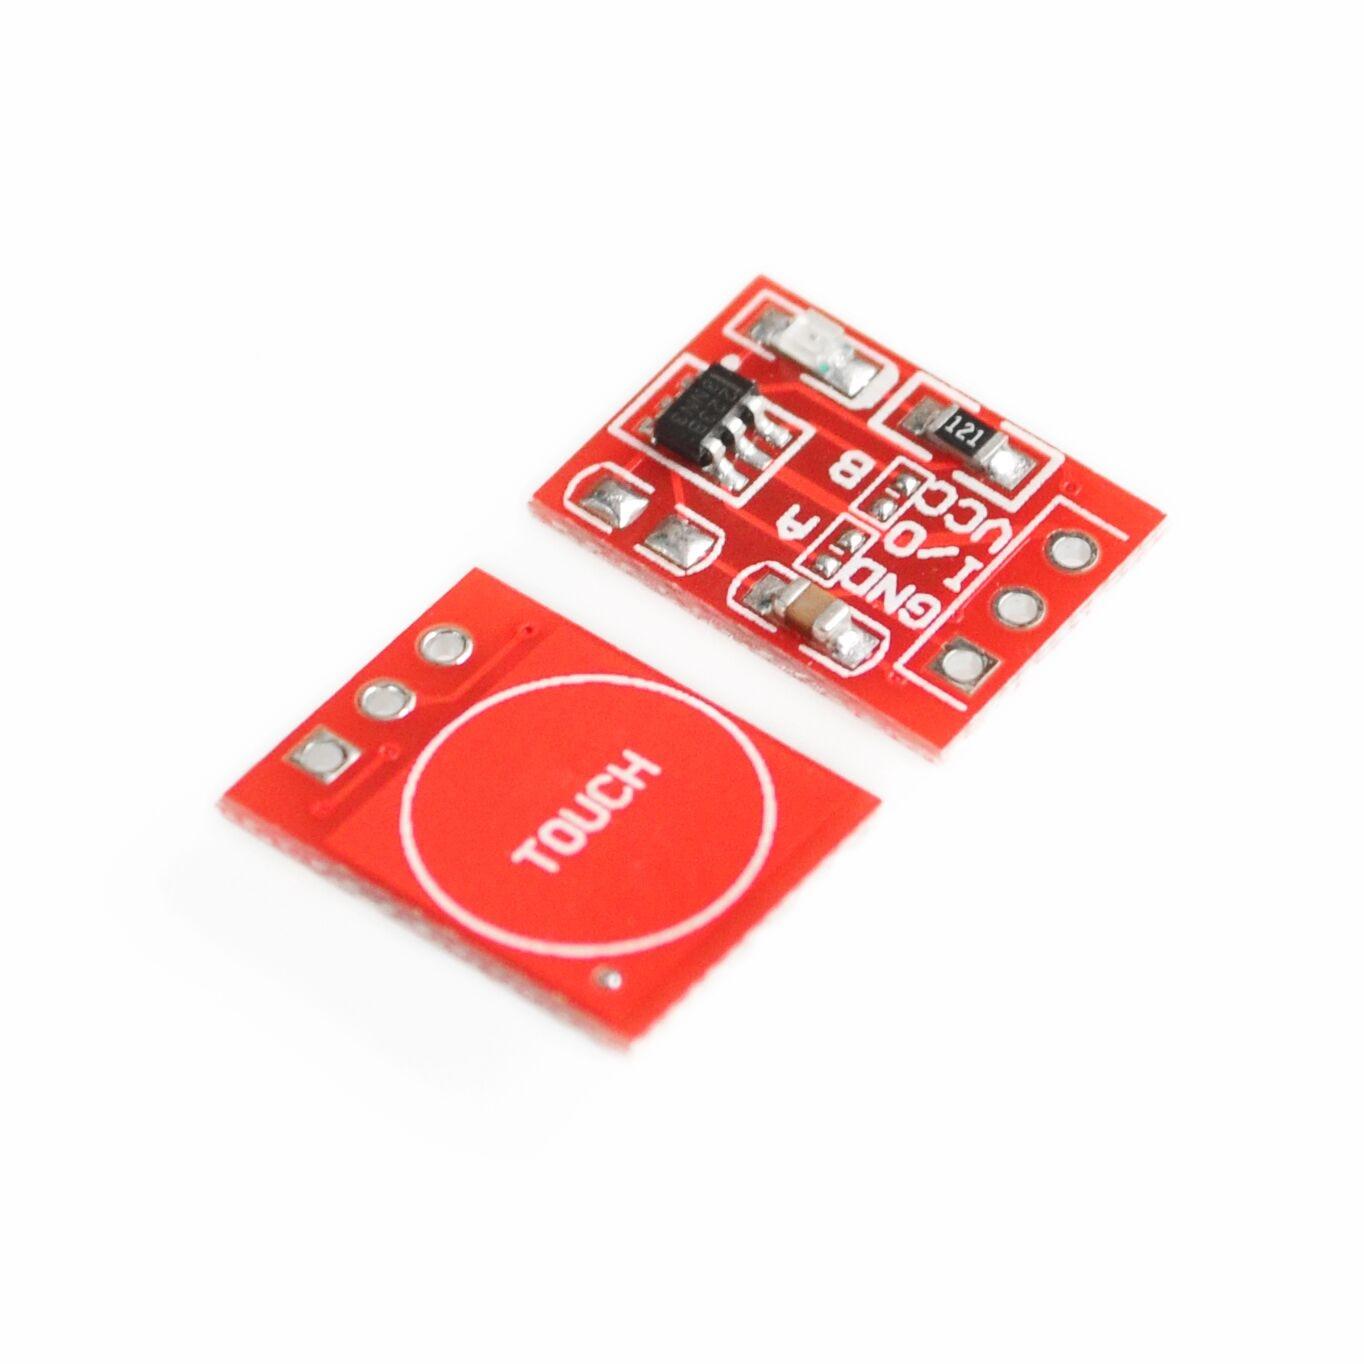 10 шт./лот Новый TTP223 модуль сенсорной кнопки конденсатор одноканальный самоблокирующийся сенсорный выключатель